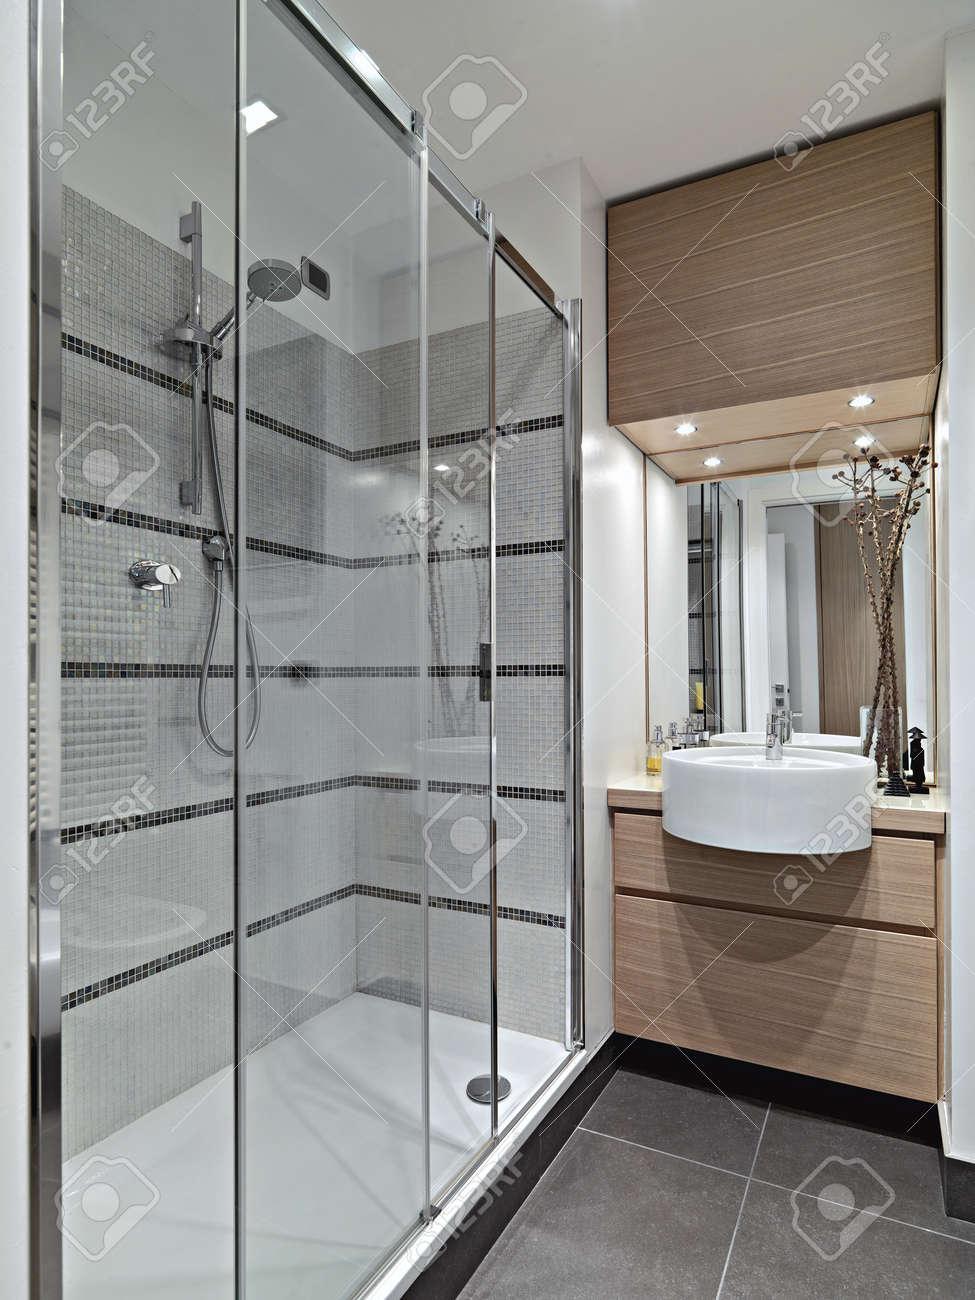 archivio fotografico vista interna di un bagno moderno con doccia in cristallo box